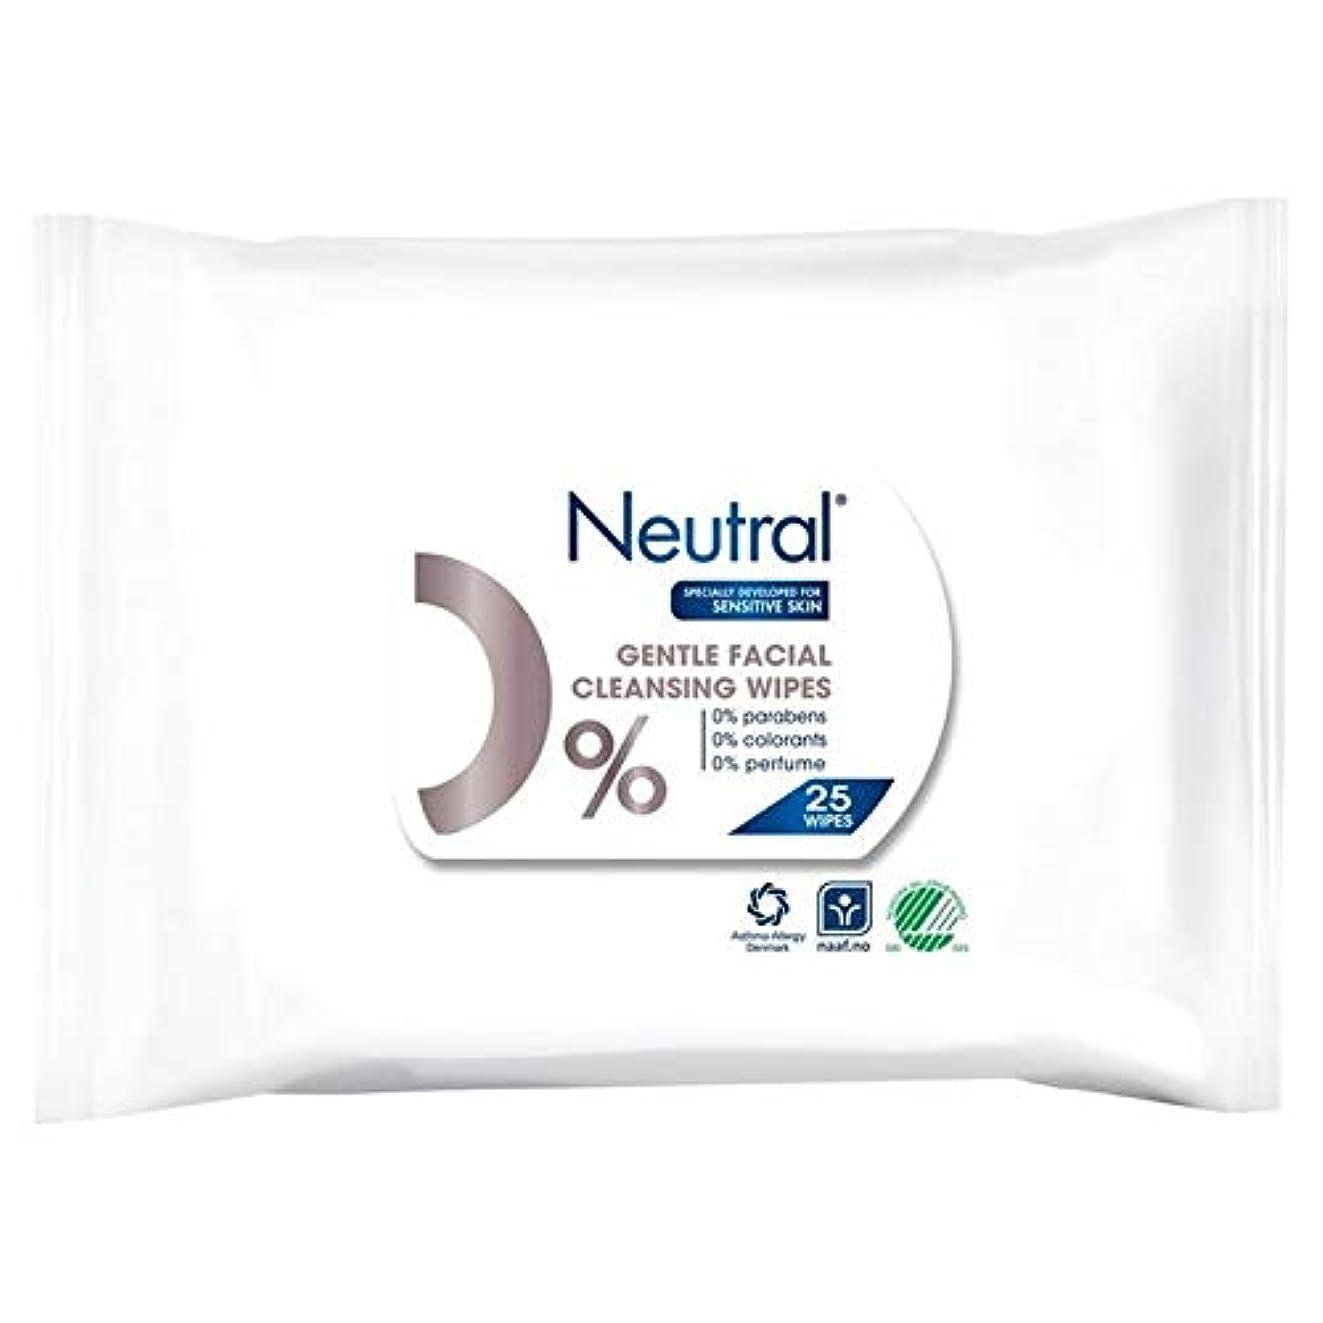 投げ捨てるフェンス残り[Neutral ] ニュートラル0%顔はパックあたり25ワイプ - Neutral 0% Face Wipes 25 per pack [並行輸入品]